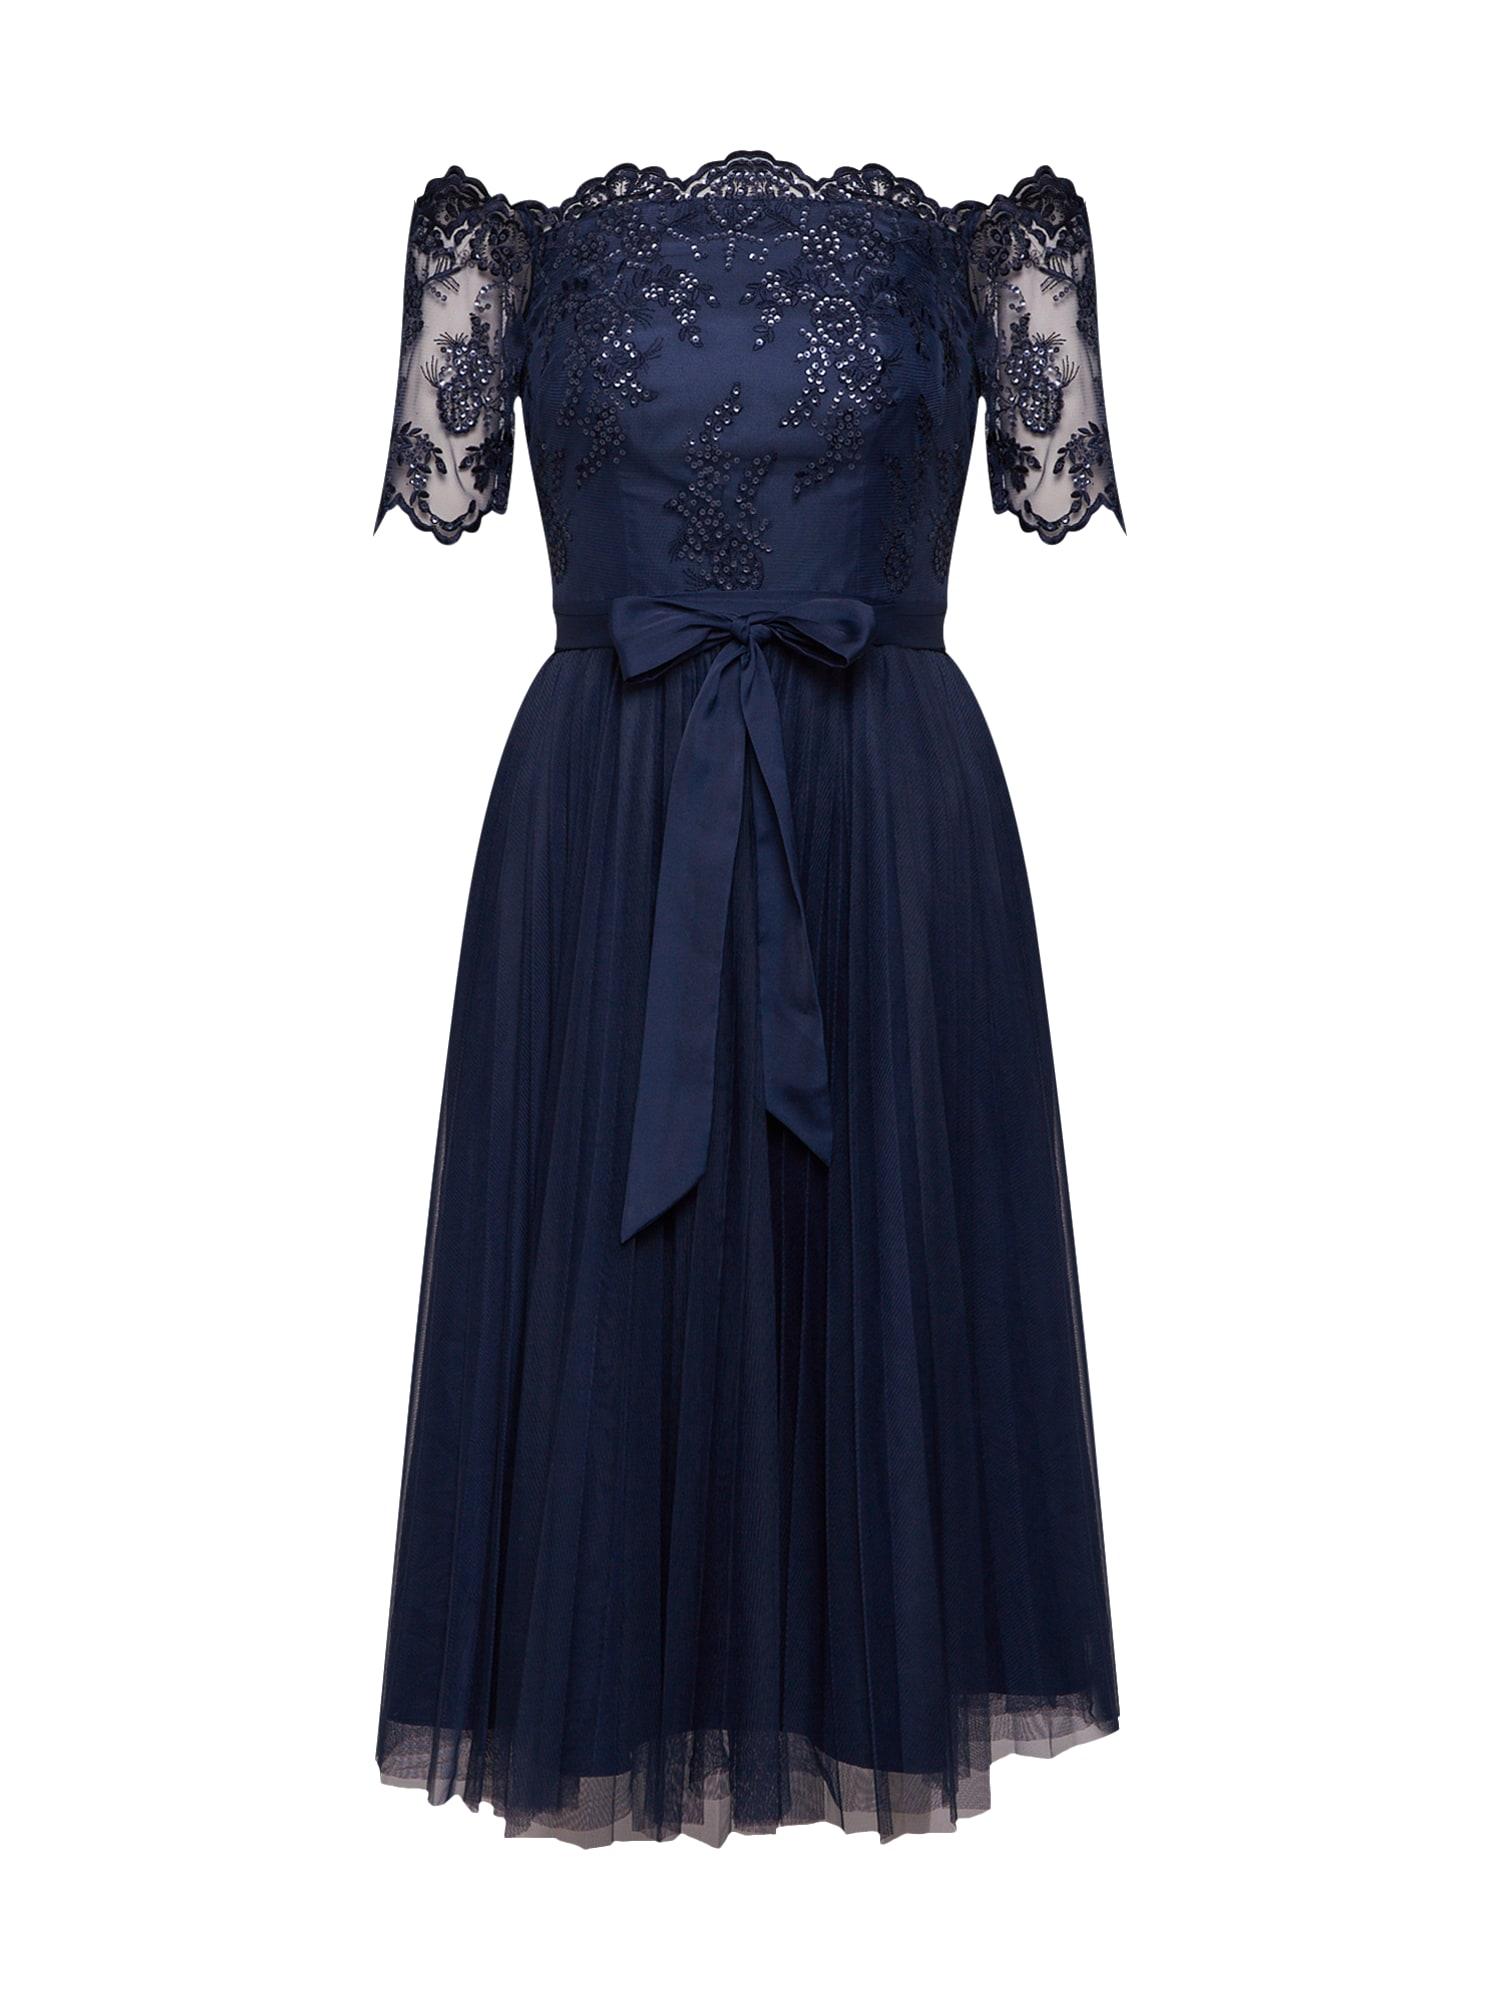 Koktejlové šaty Matilda Tulle Dress námořnická modř Coast